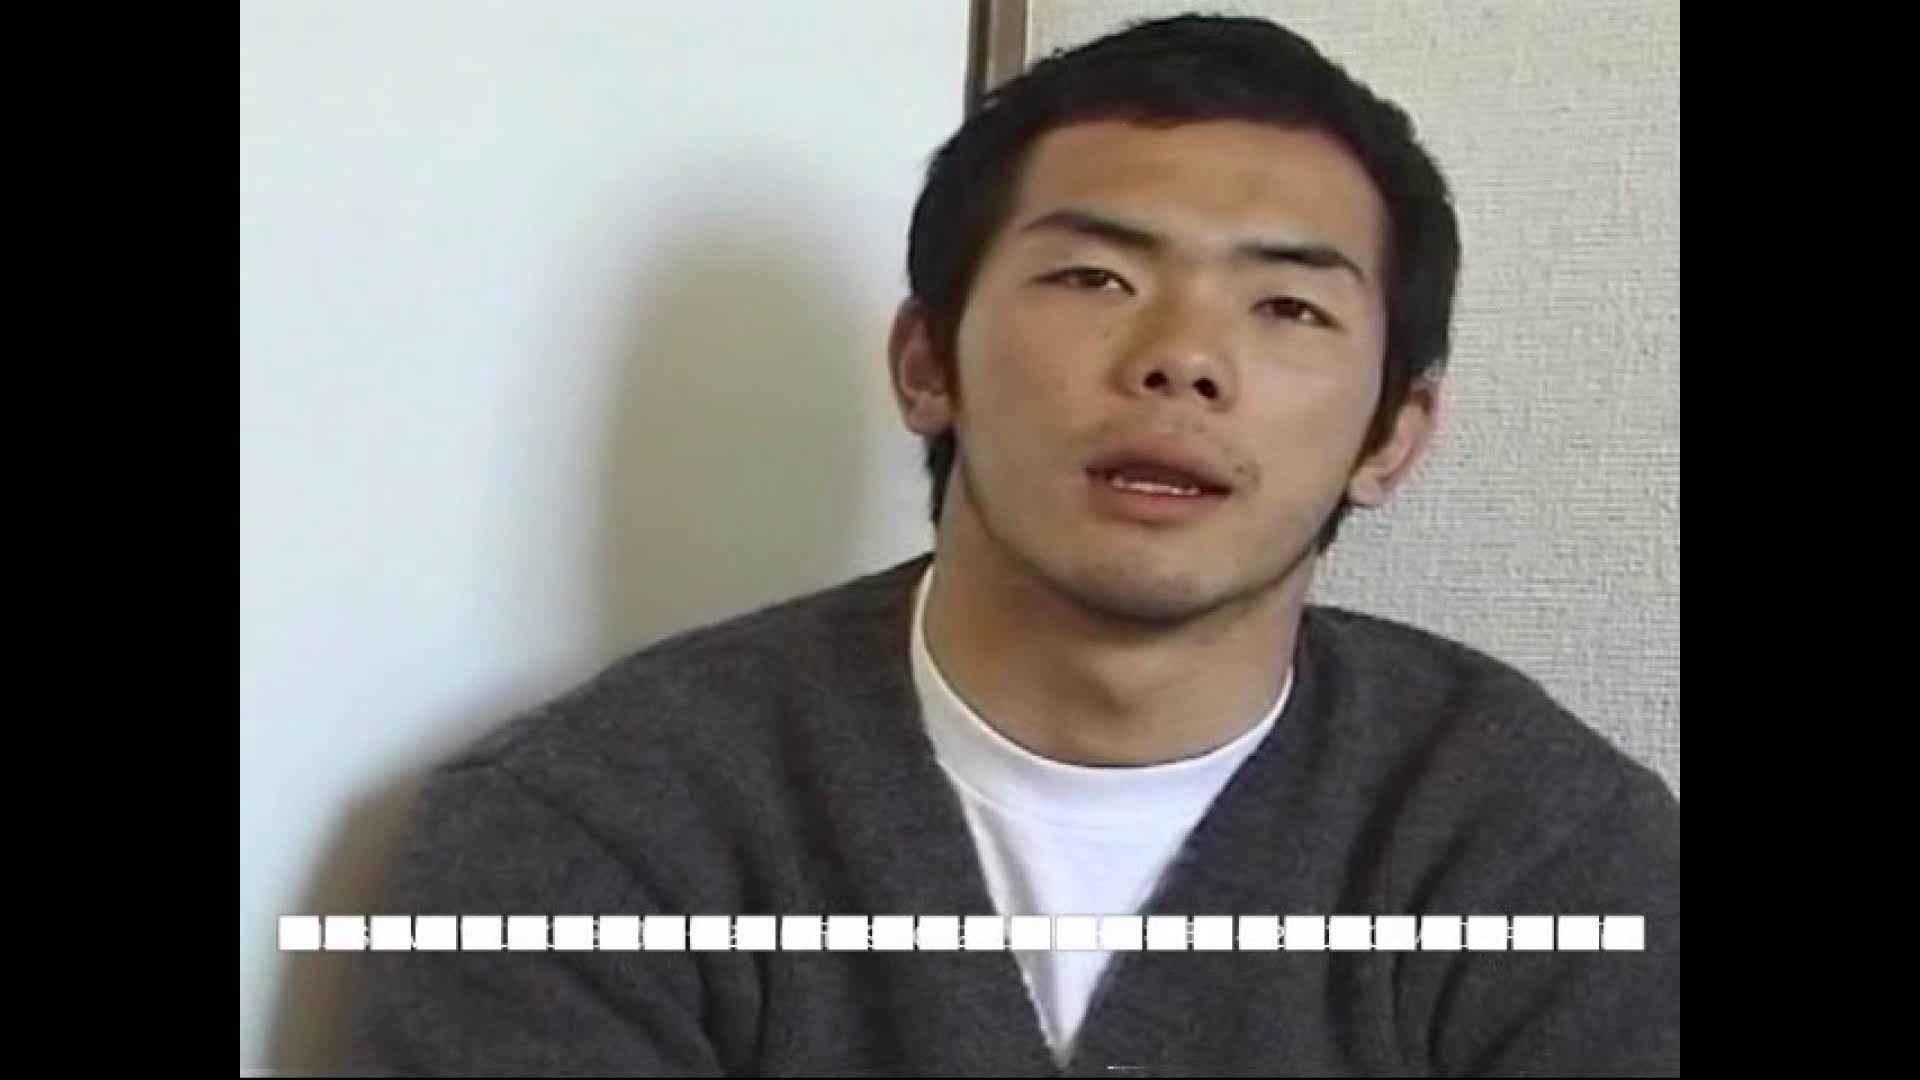 オナれ!集まれ!イケてるメンズ達!!File.12 スジ筋系男子 尻マンコ画像 94枚 25